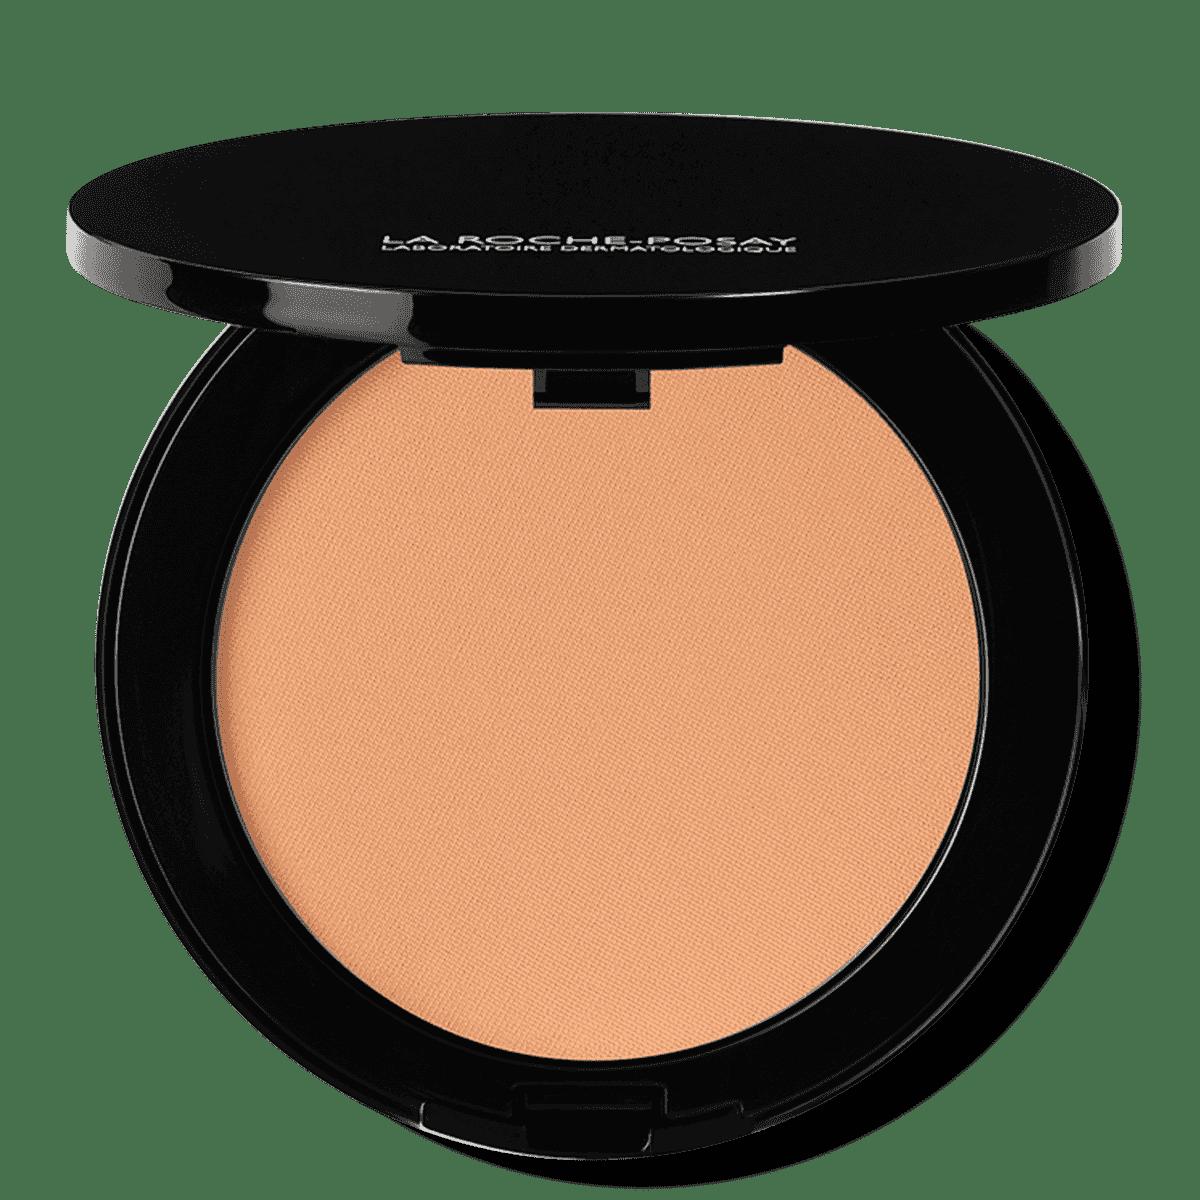 La Roche Posay Sensitive Toleriane Make up COMPACT_POWDER_14RoseBeige